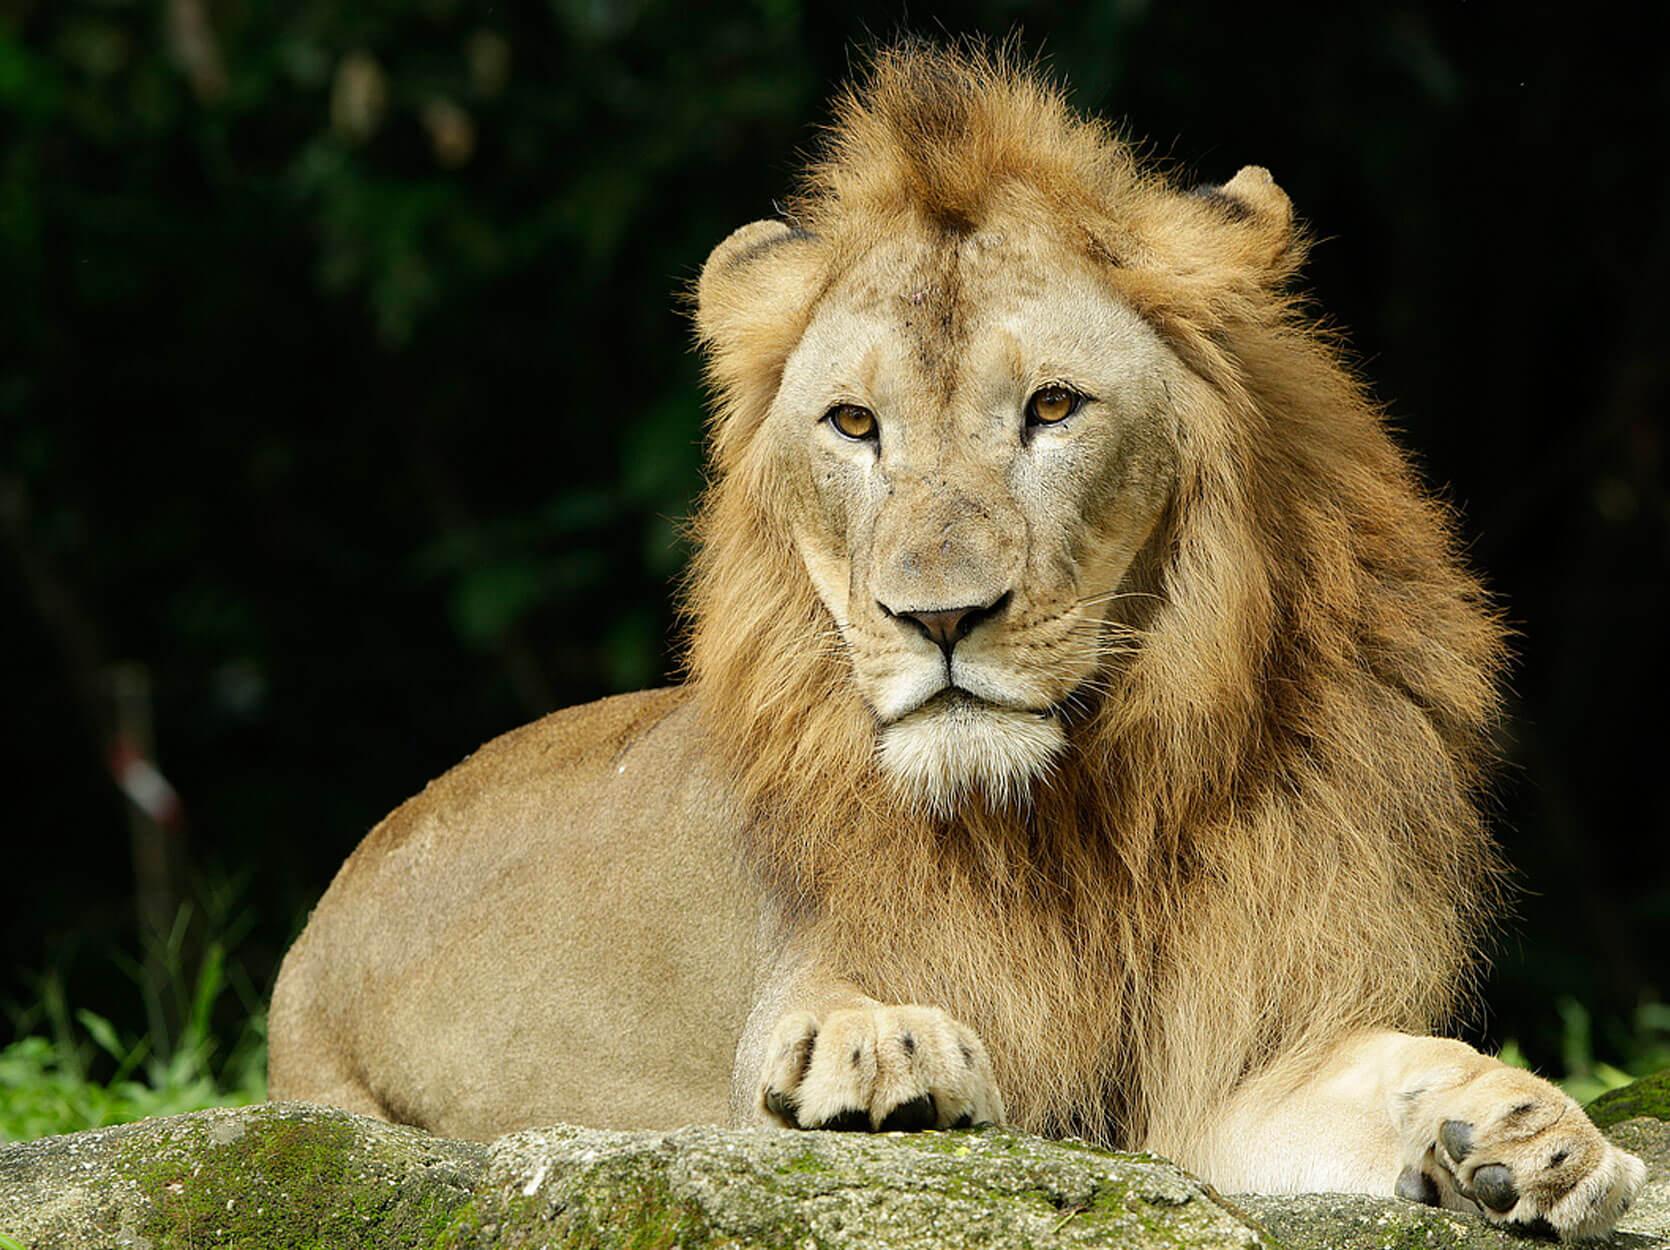 森林之王--獅子,果然就是令人肅然起敬。(圖片取自新加坡動物園官網)